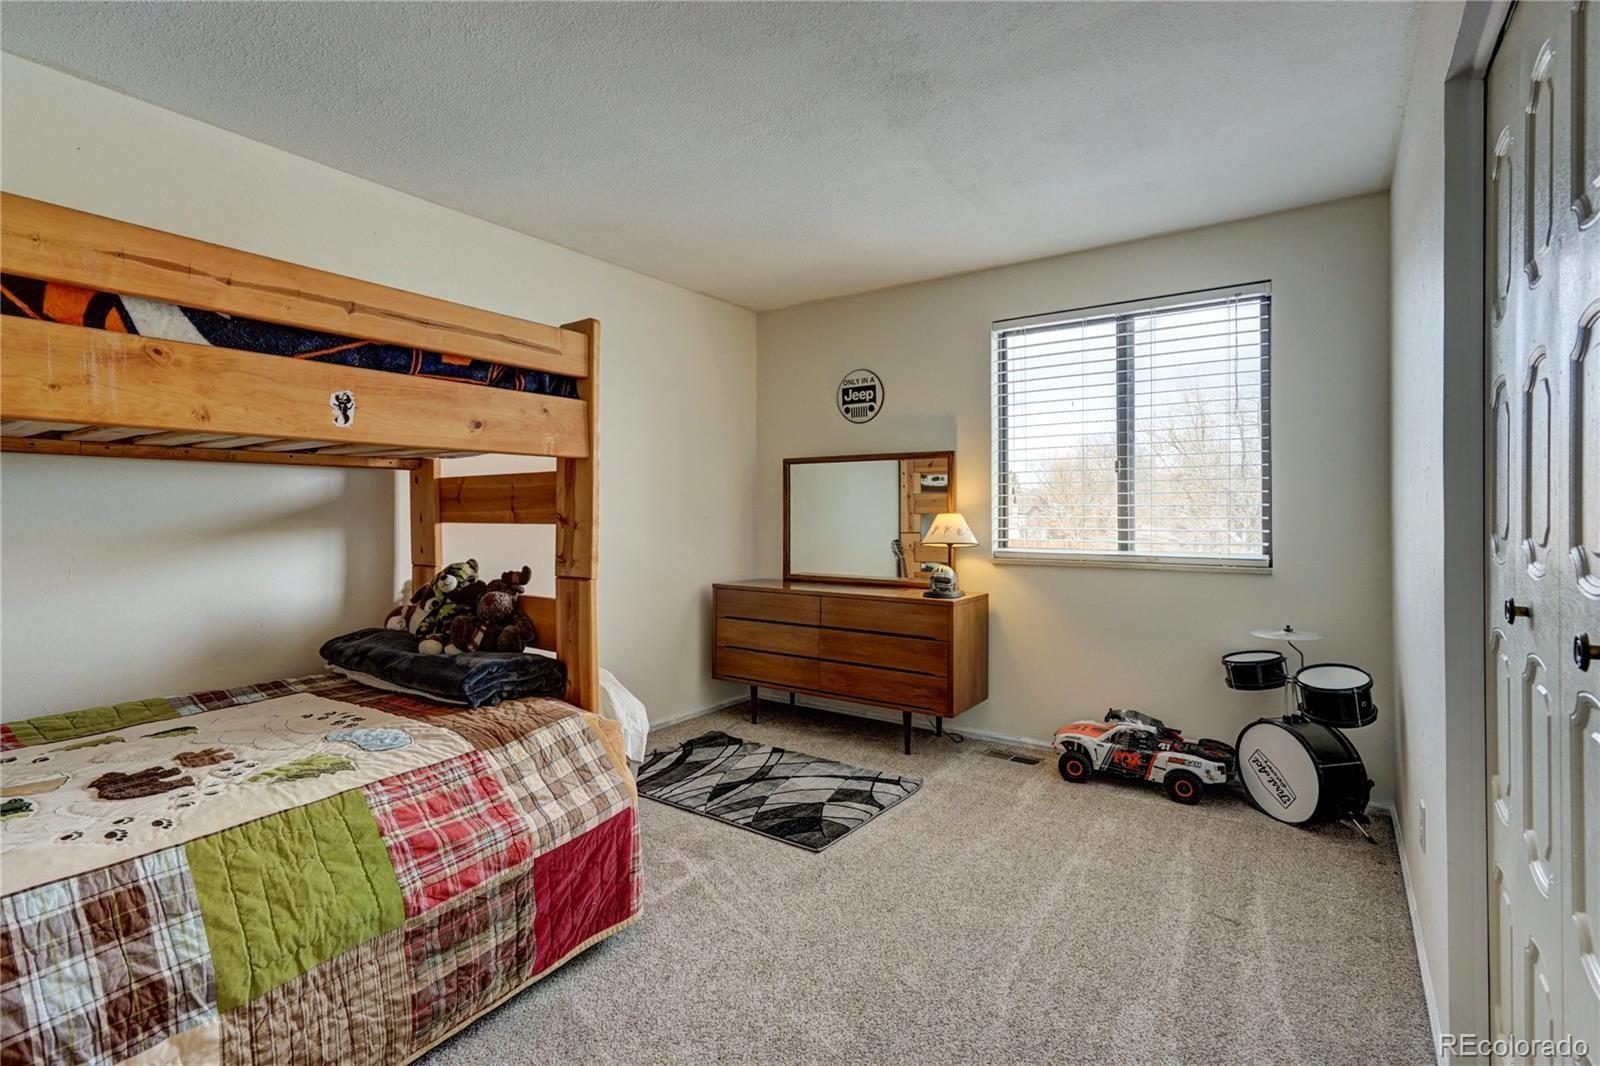 MLS# 1802926 - 22 - 7271 W Weaver Place, Littleton, CO 80123